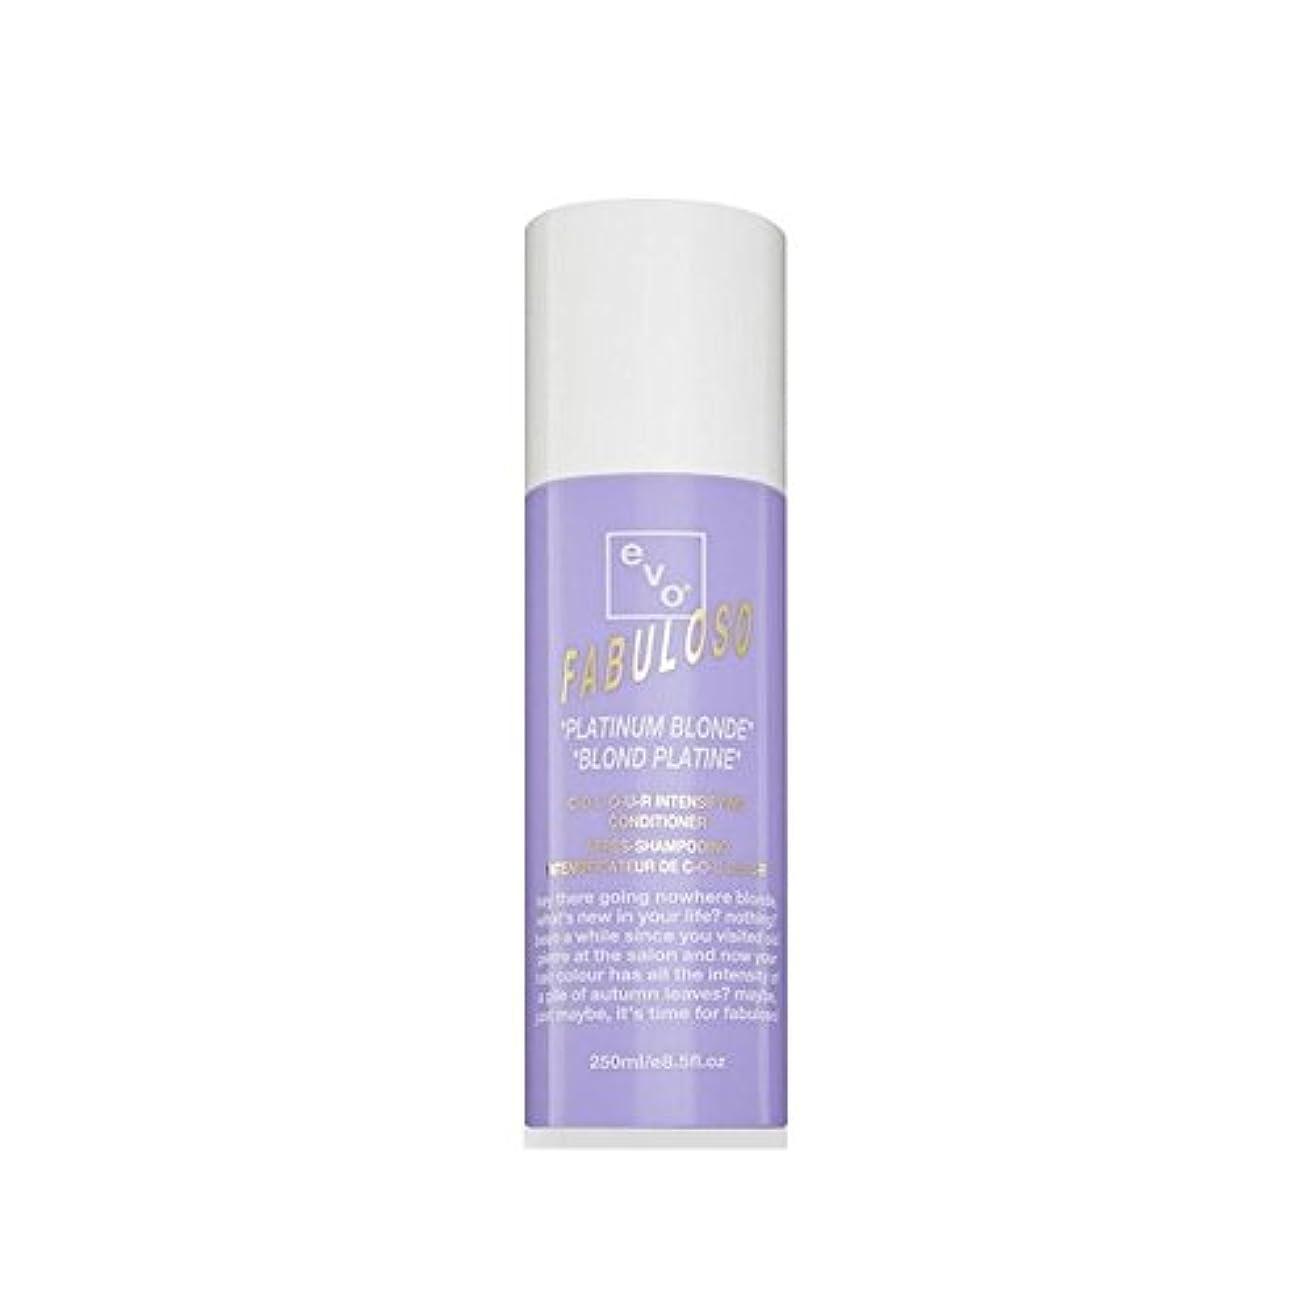 思い出すマニアック正当なEvo Fabuloso Colour Intensifying Conditioner Platinum Blonde (250ml) - 色増コンディショナープラチナブロンド(250ミリリットル) [並行輸入品]